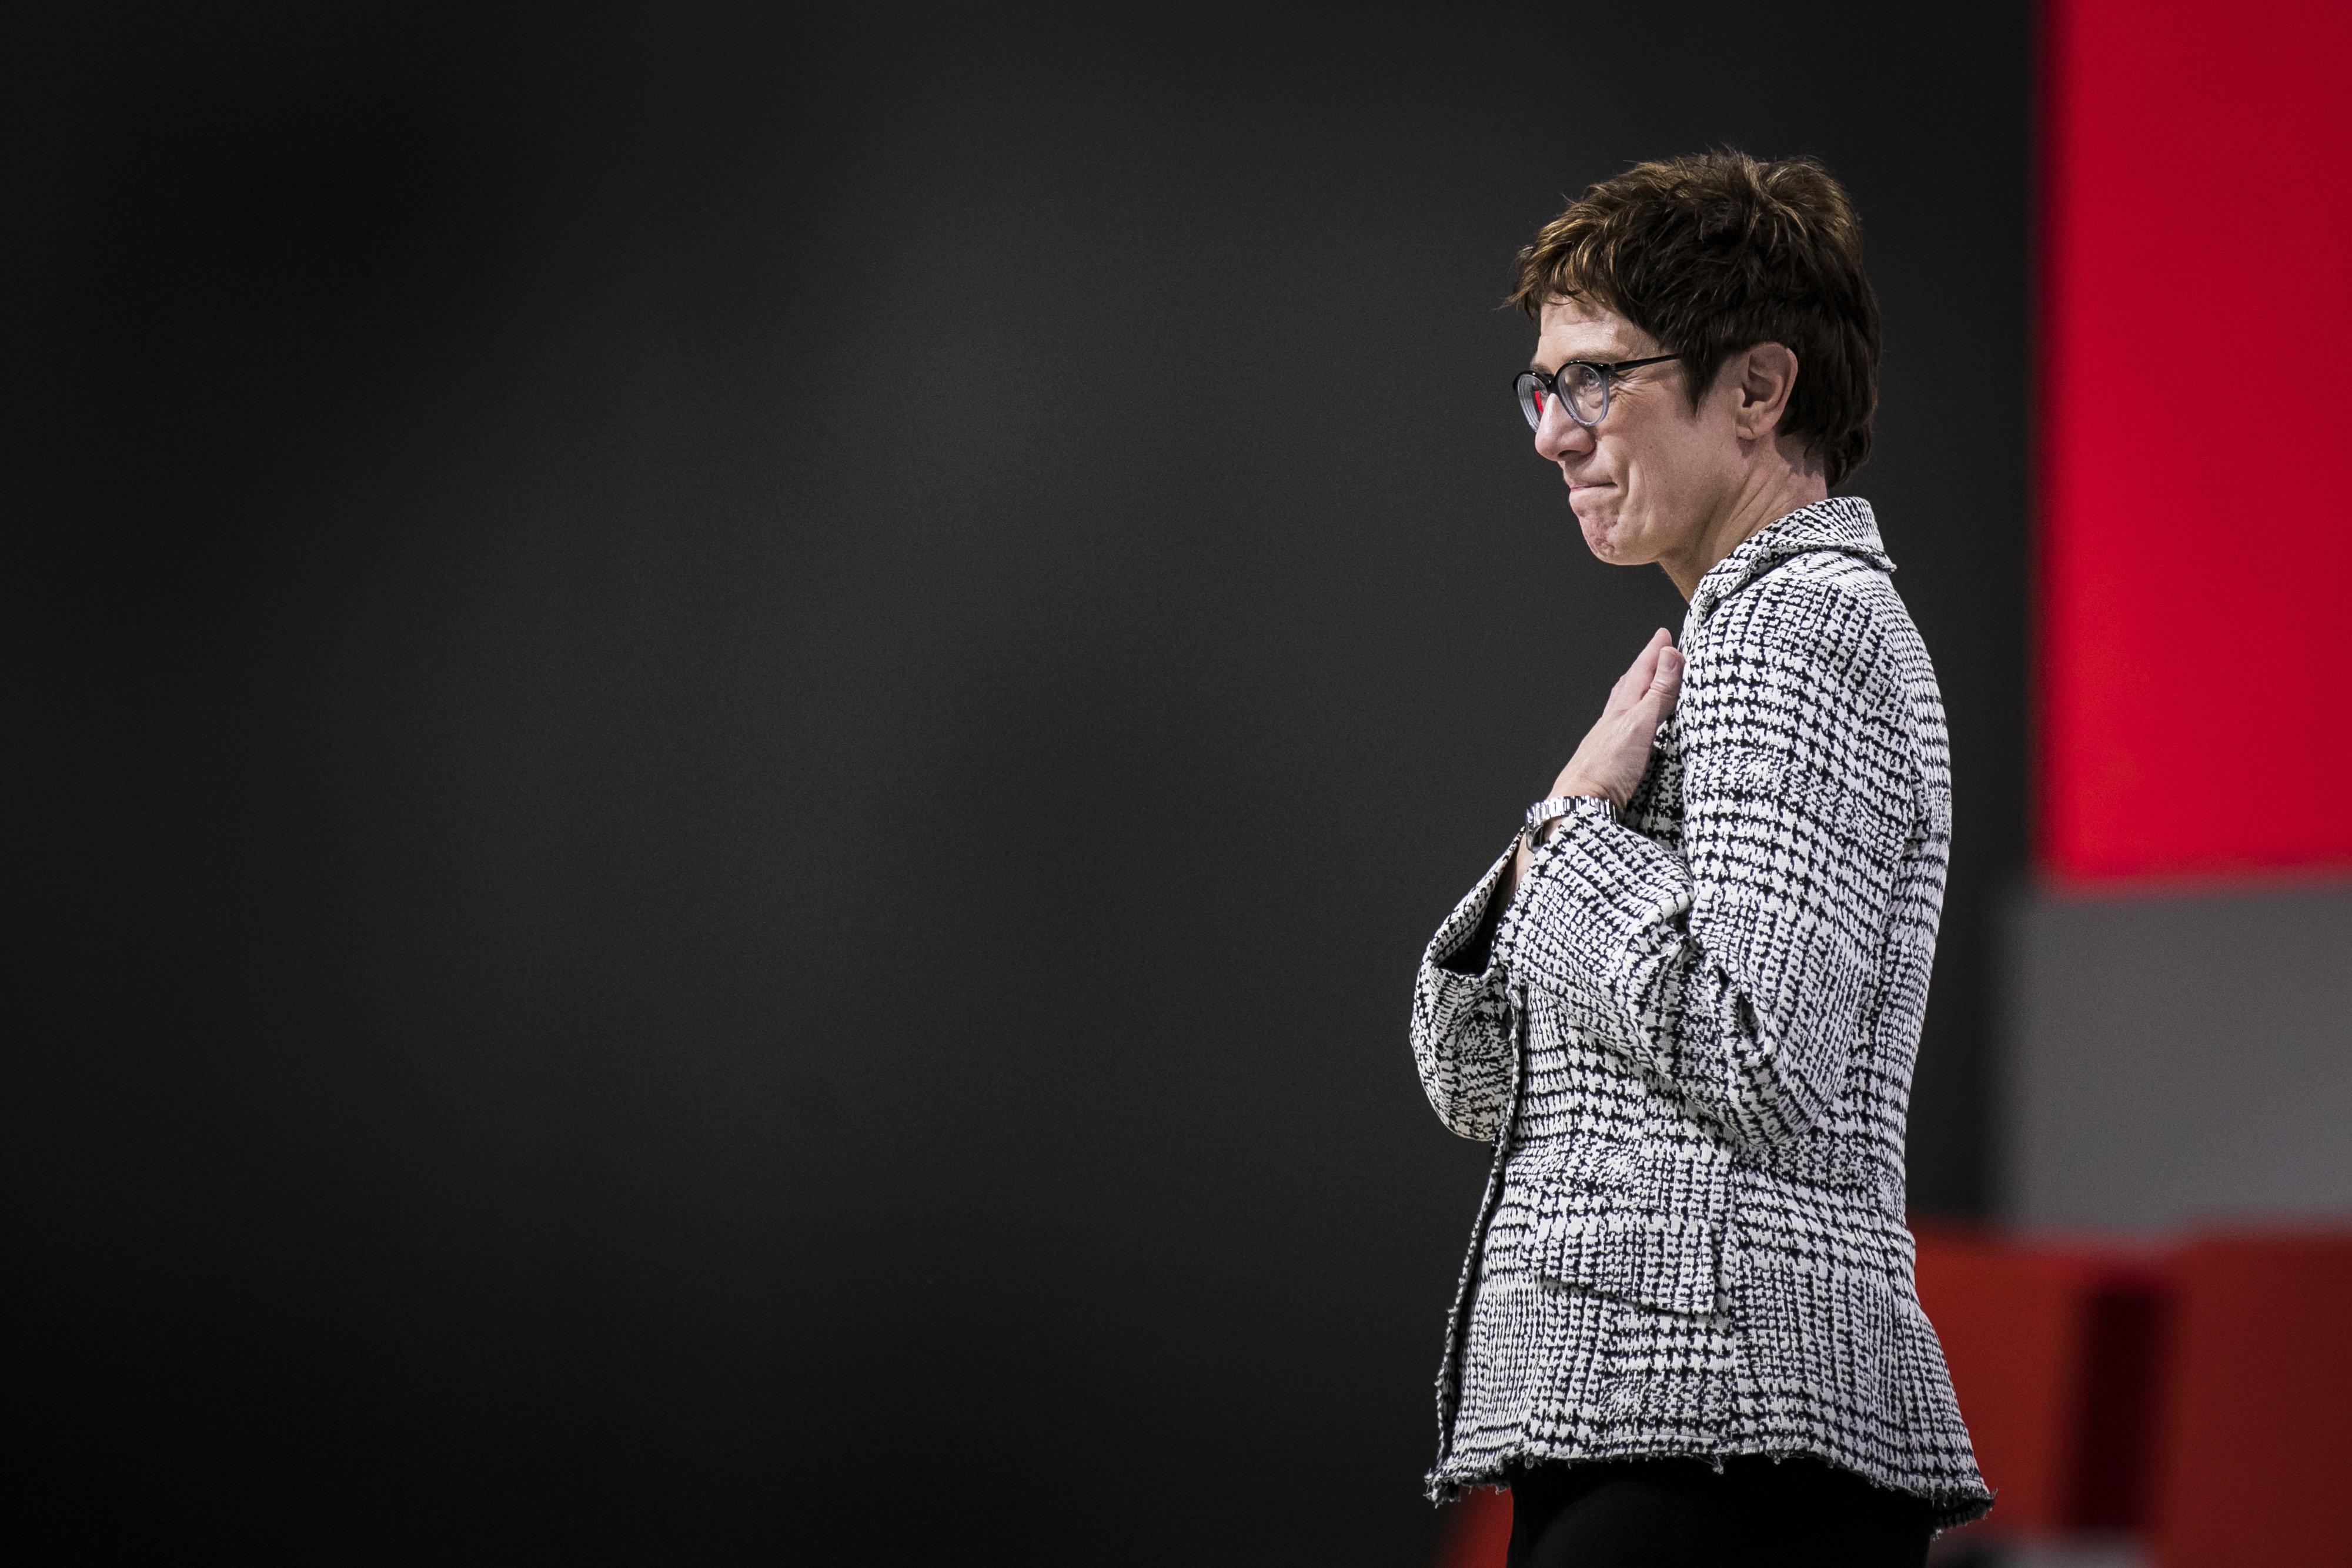 Ανεγκρετ Κραμπ-Καρενμπάουερ: Ποια είναι η νέα «Σιδηρά Κυρία» του